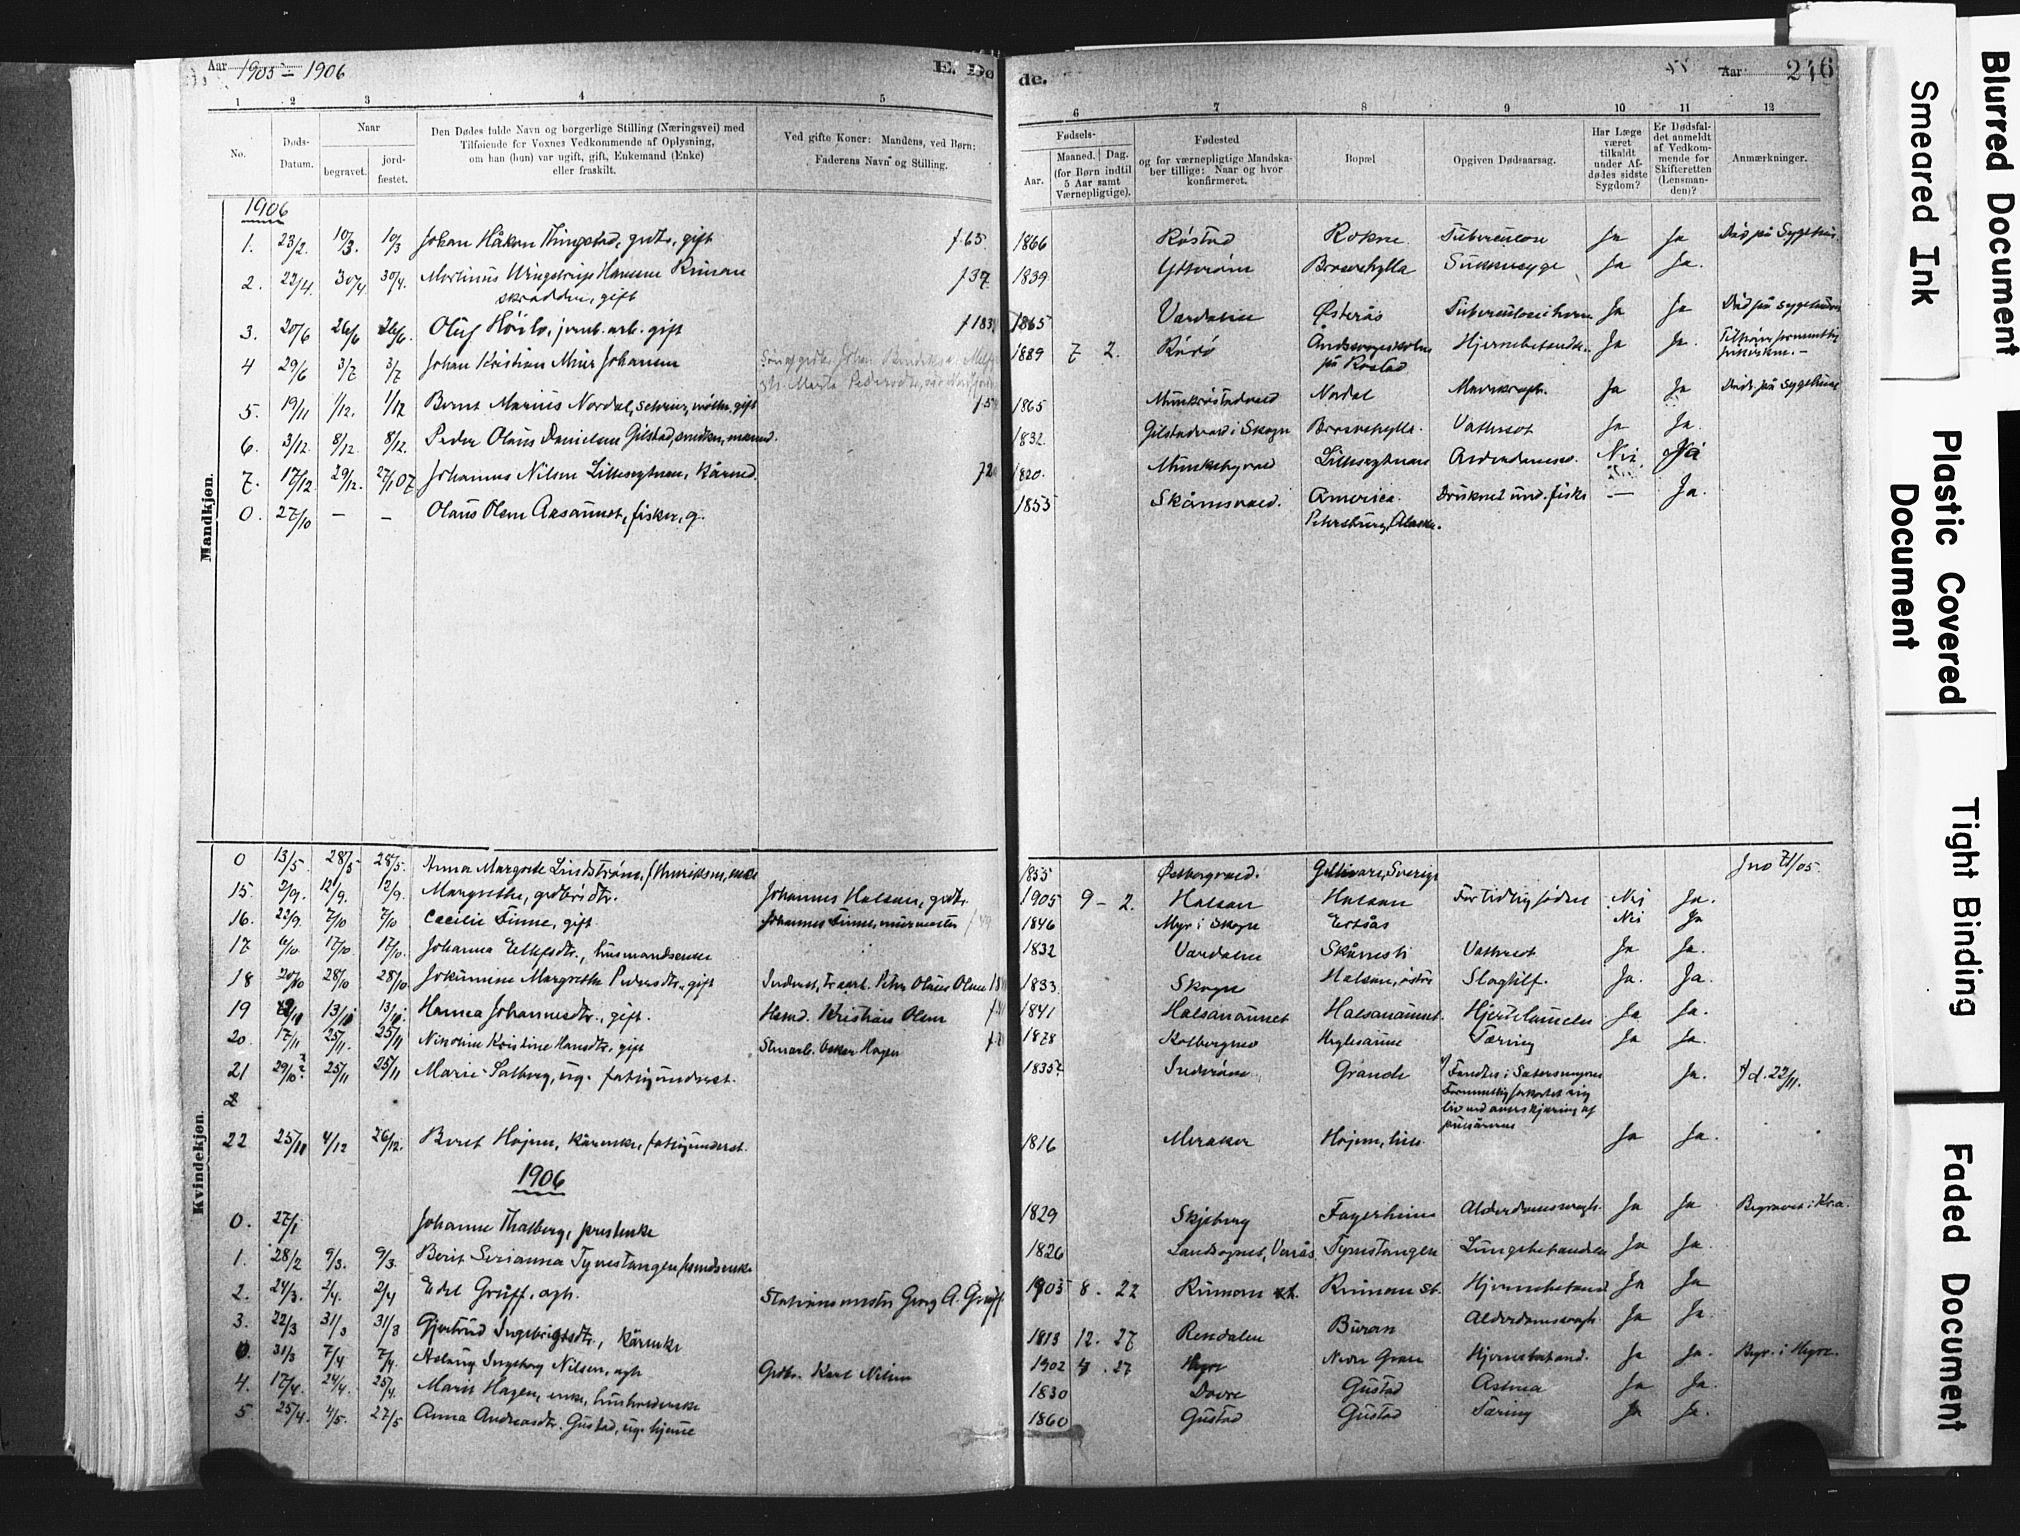 SAT, Ministerialprotokoller, klokkerbøker og fødselsregistre - Nord-Trøndelag, 721/L0207: Ministerialbok nr. 721A02, 1880-1911, s. 246